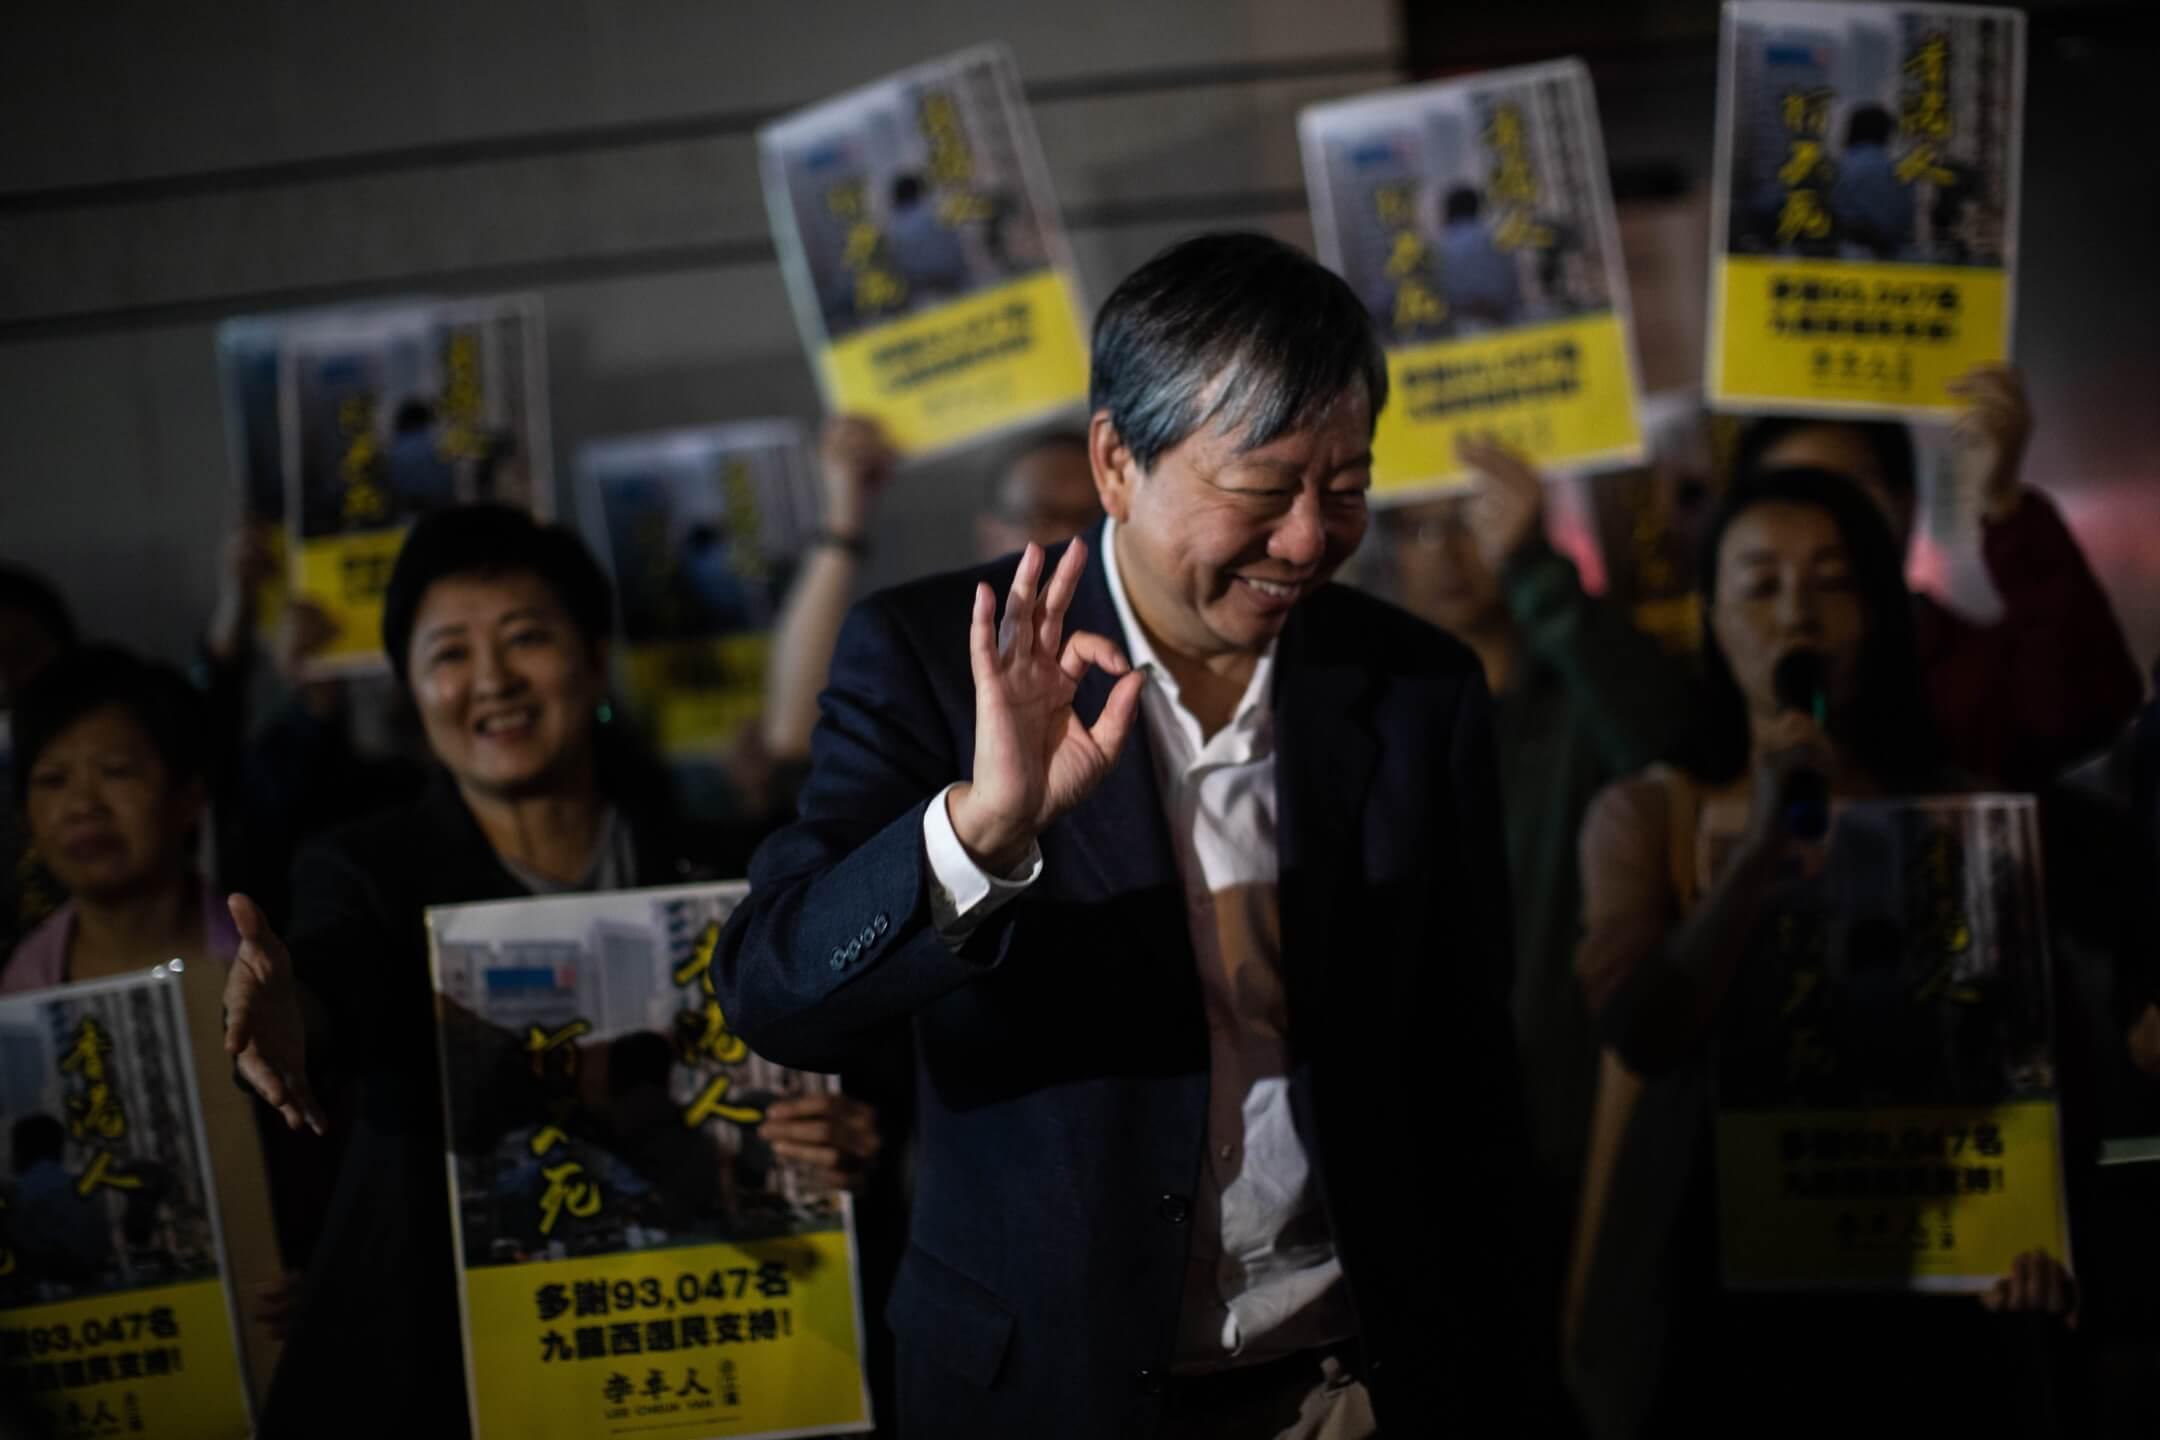 落選的參選人李卓人於選舉翌日到黃埔區謝票,有街坊主動上前跟他握手,李卓人向對方做出示意肯定的手勢。 攝:Stanley Leung/端傳媒